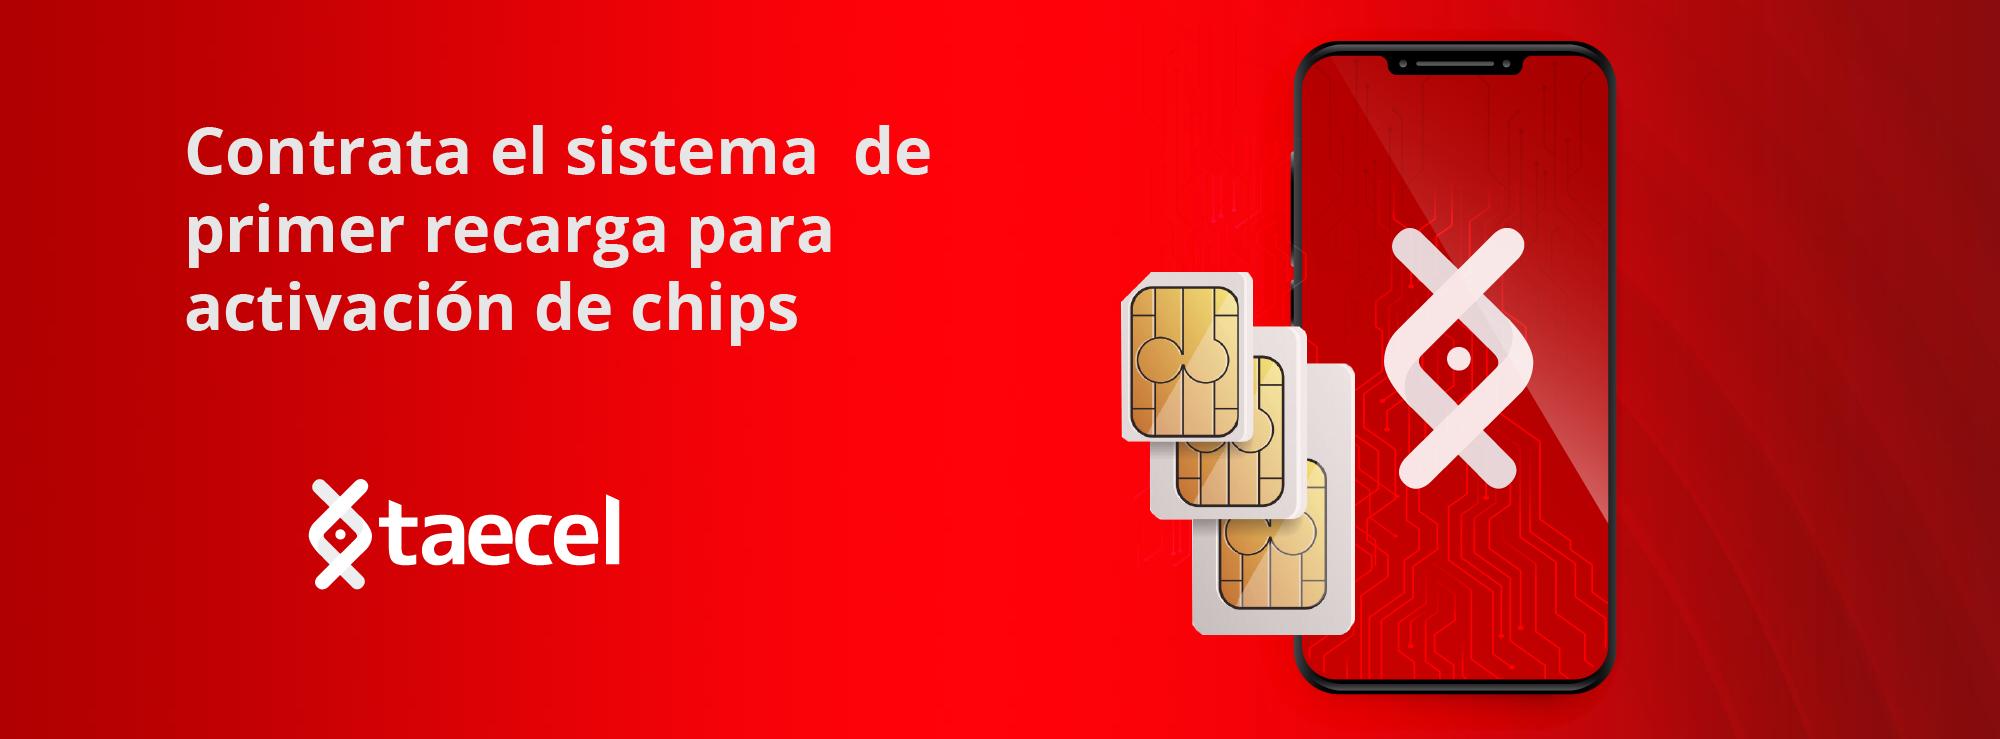 Contrata el sistema de primer recarga para activación de chips